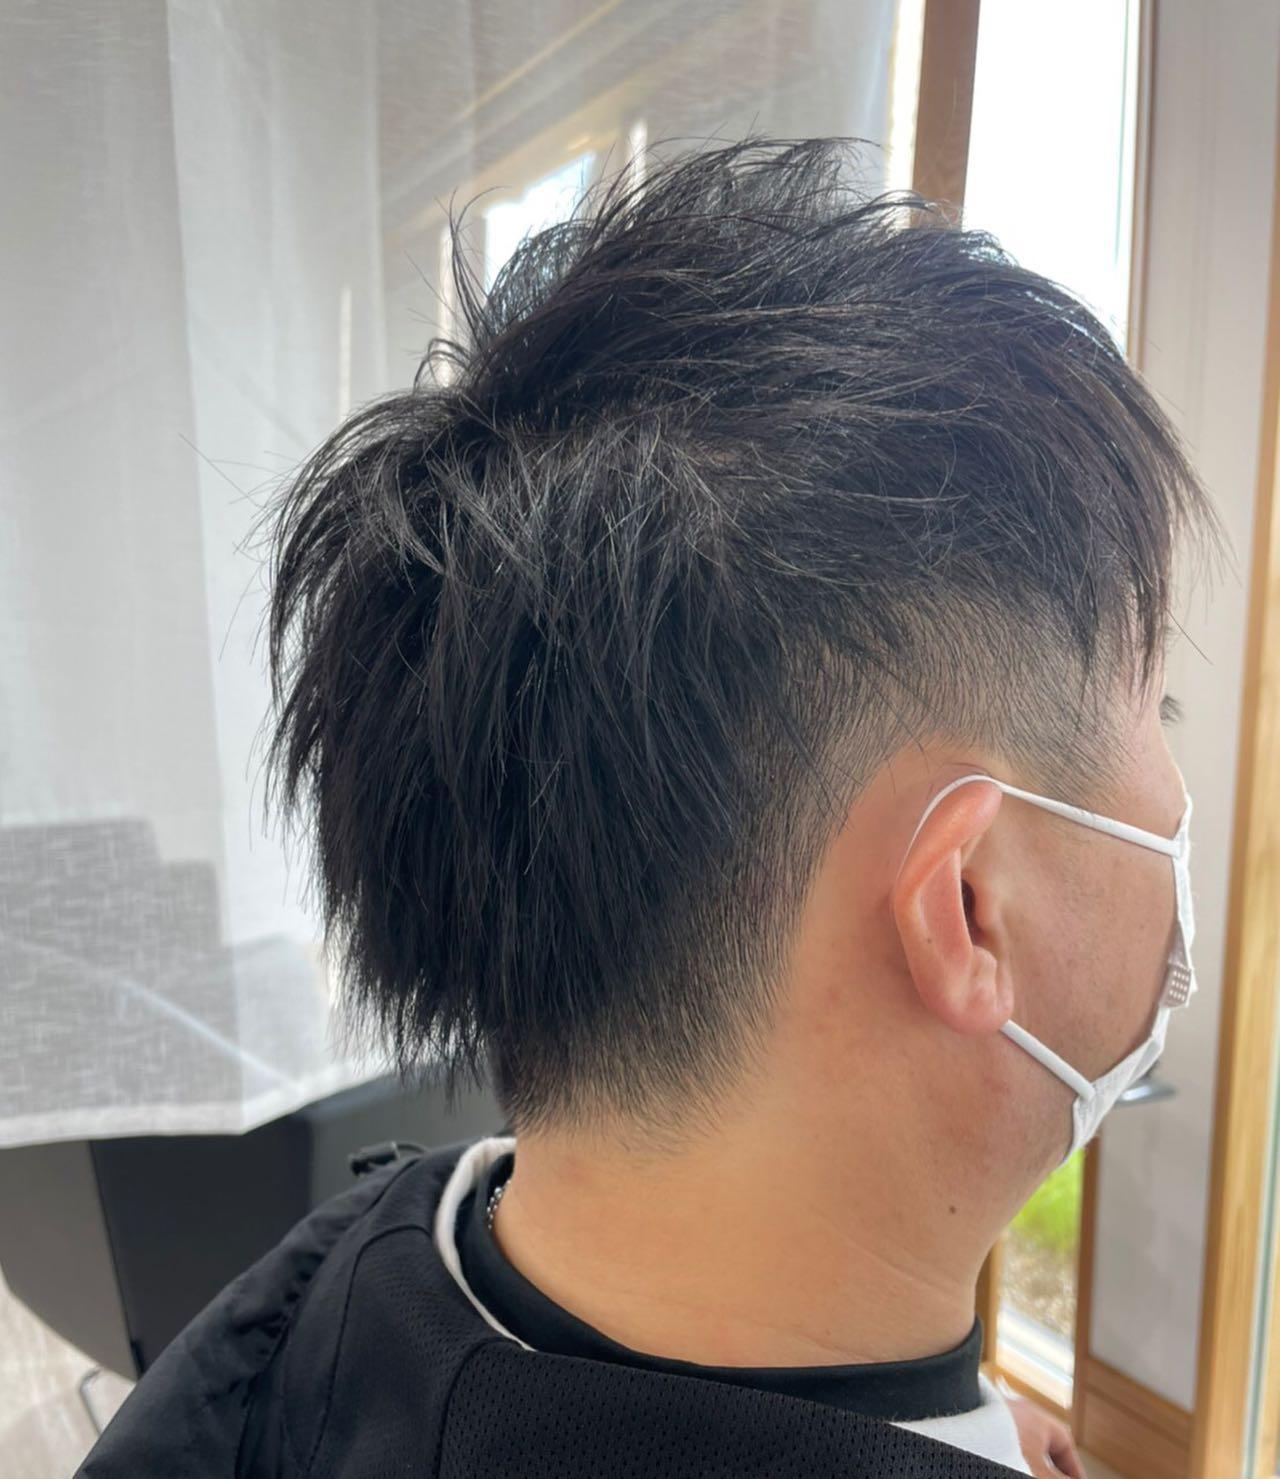 スッキリとマスクもかけやすく何よりかっこよく#totti #hair #color #perm #cut #hairstyle #haircolor #hairarrange #stylist #care #carelist #aujua #イルミナカラー #headspa #treatment #美容院